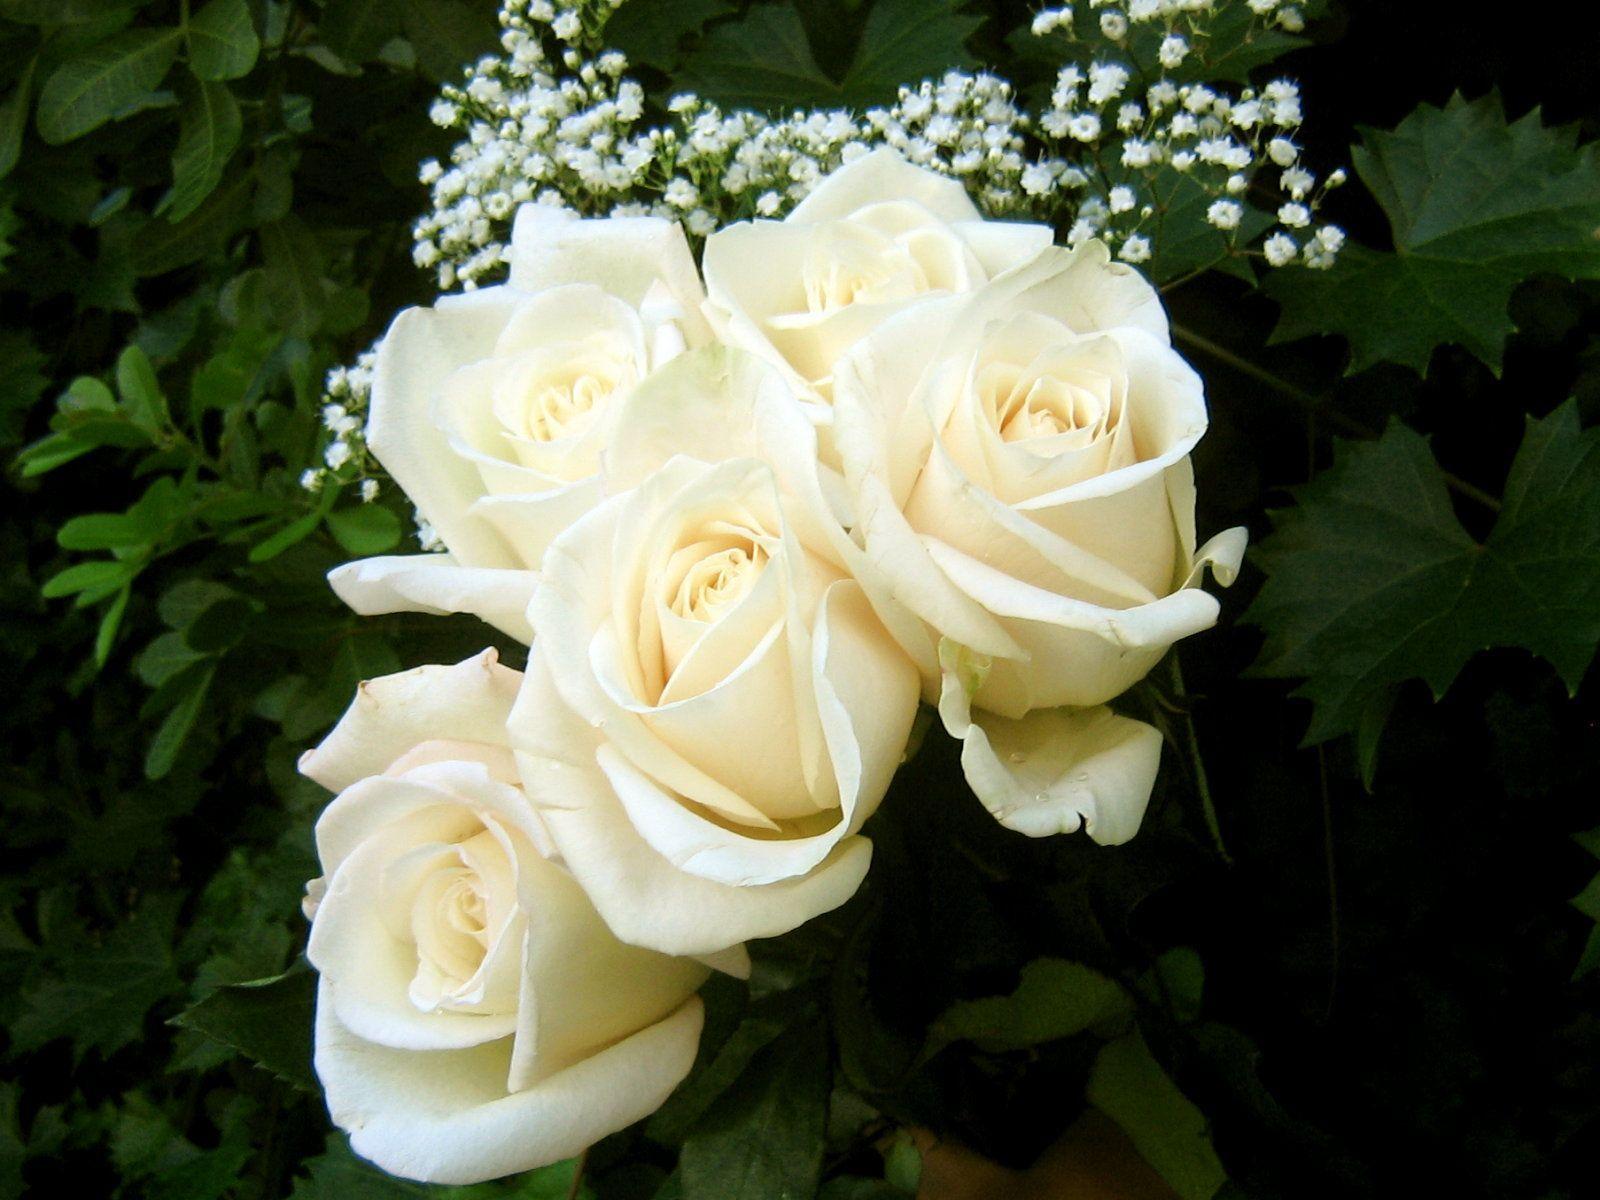 White Rose Wallpaper High Definition 06k White Rose Flower Beautiful Flowers Beautiful Flowers Wallpapers High resolution white rose wallpaper hd